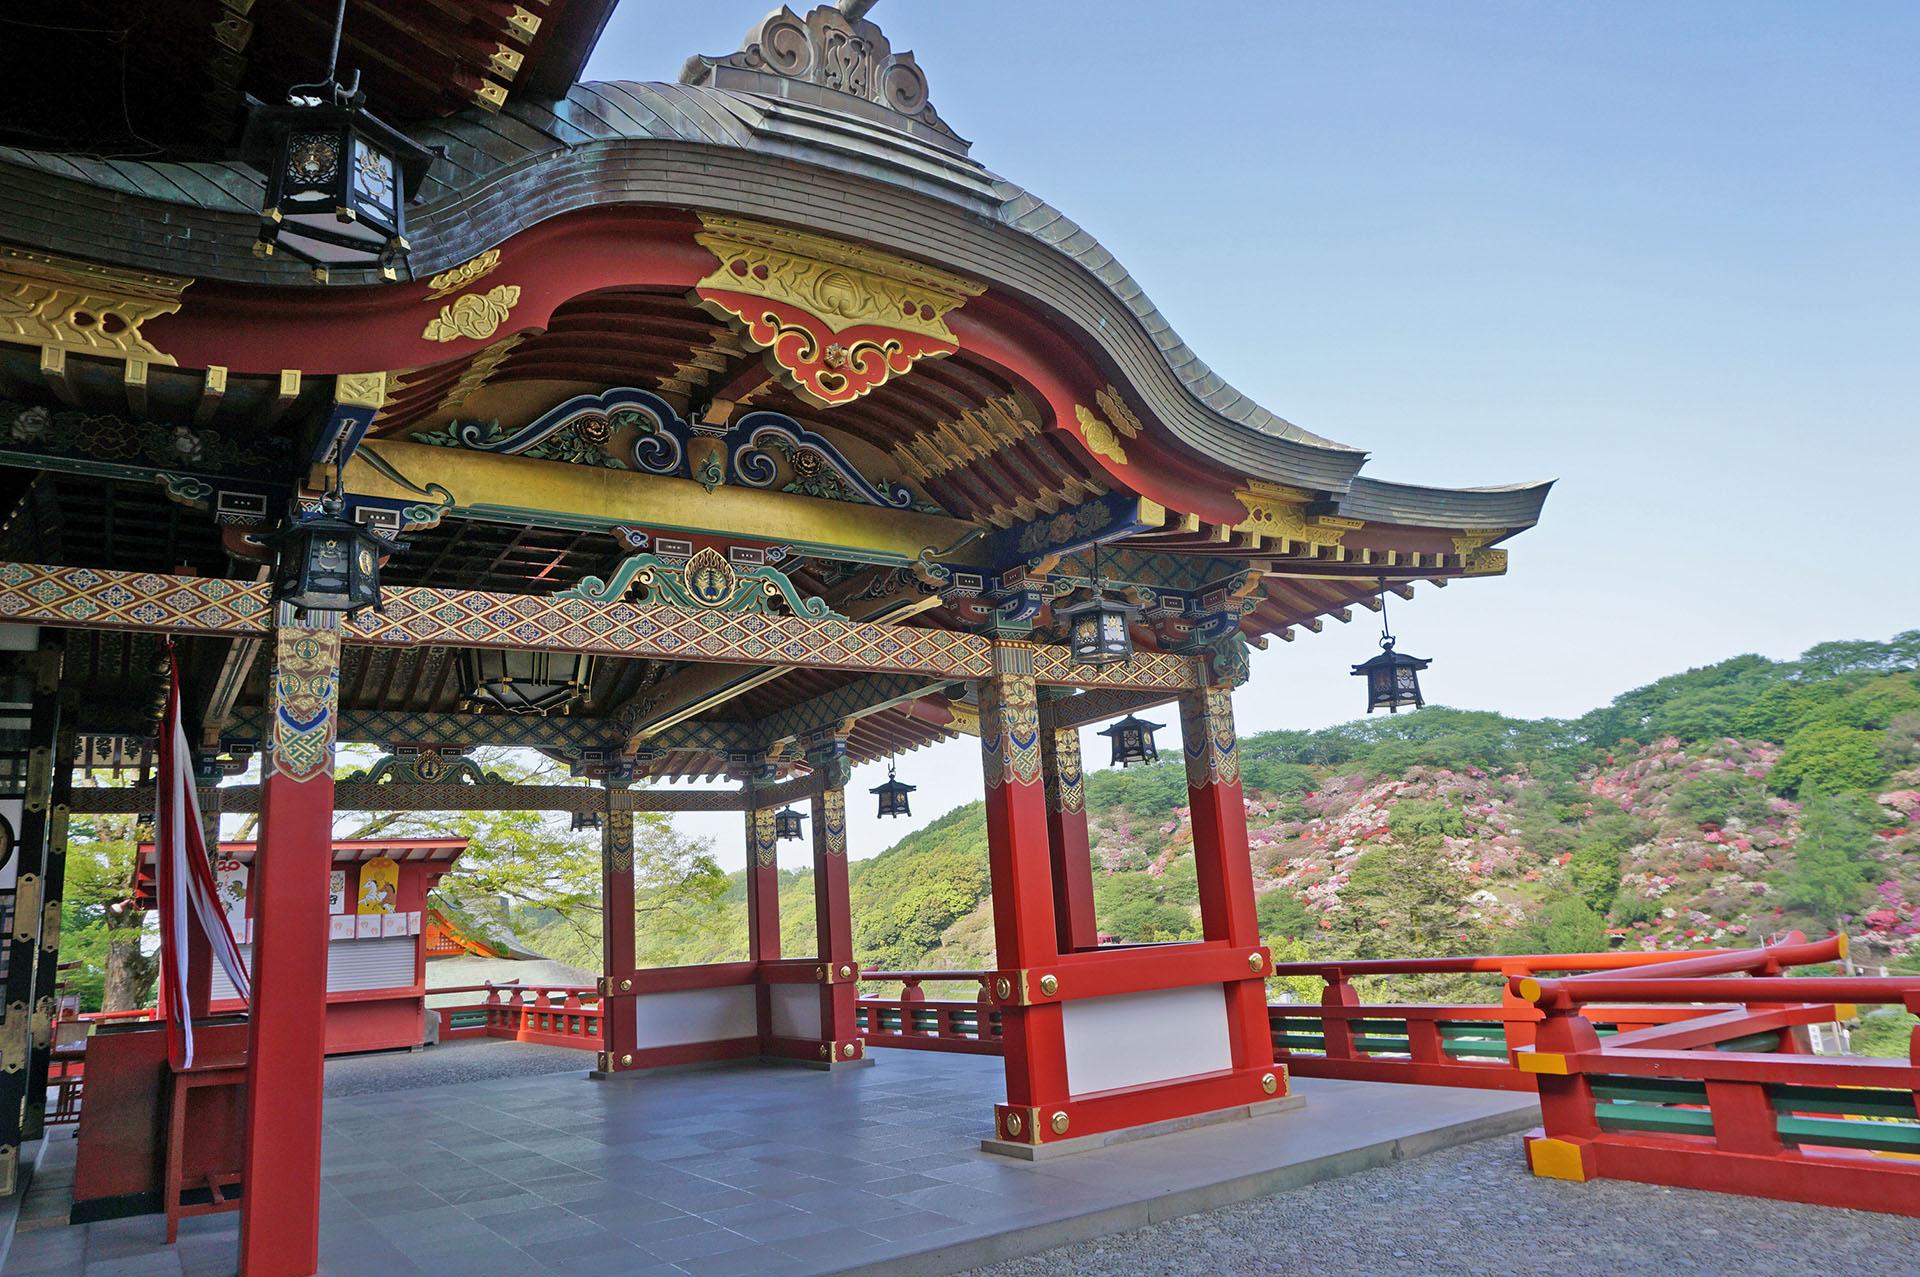 祐徳稲荷神社本殿の展望所